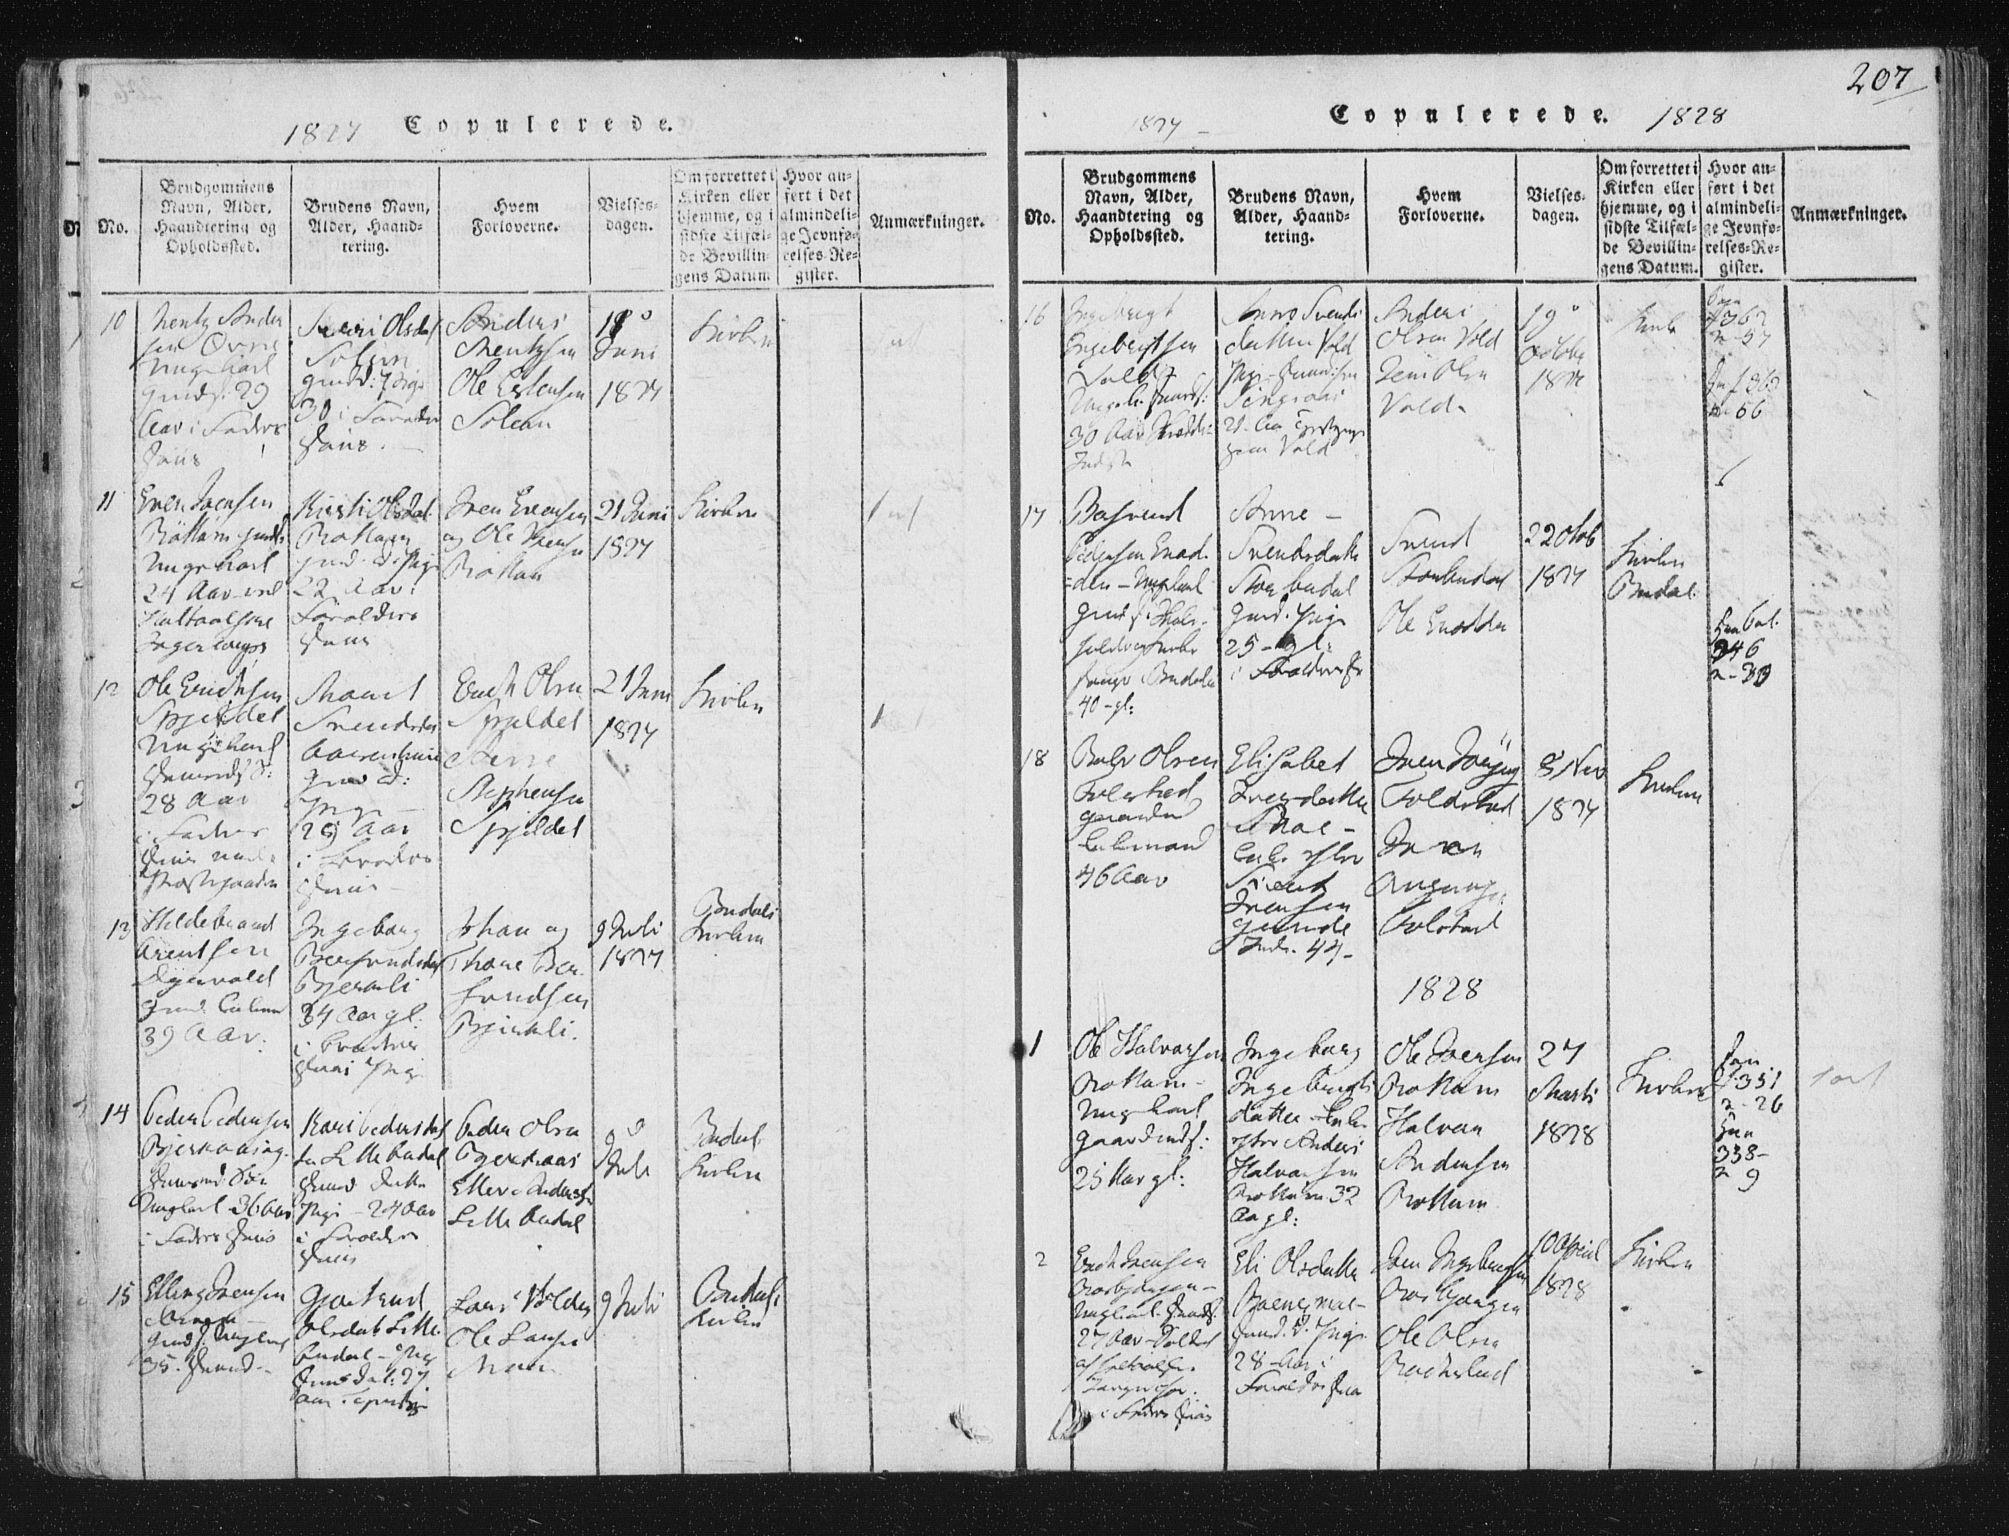 SAT, Ministerialprotokoller, klokkerbøker og fødselsregistre - Sør-Trøndelag, 687/L0996: Ministerialbok nr. 687A04, 1816-1842, s. 207